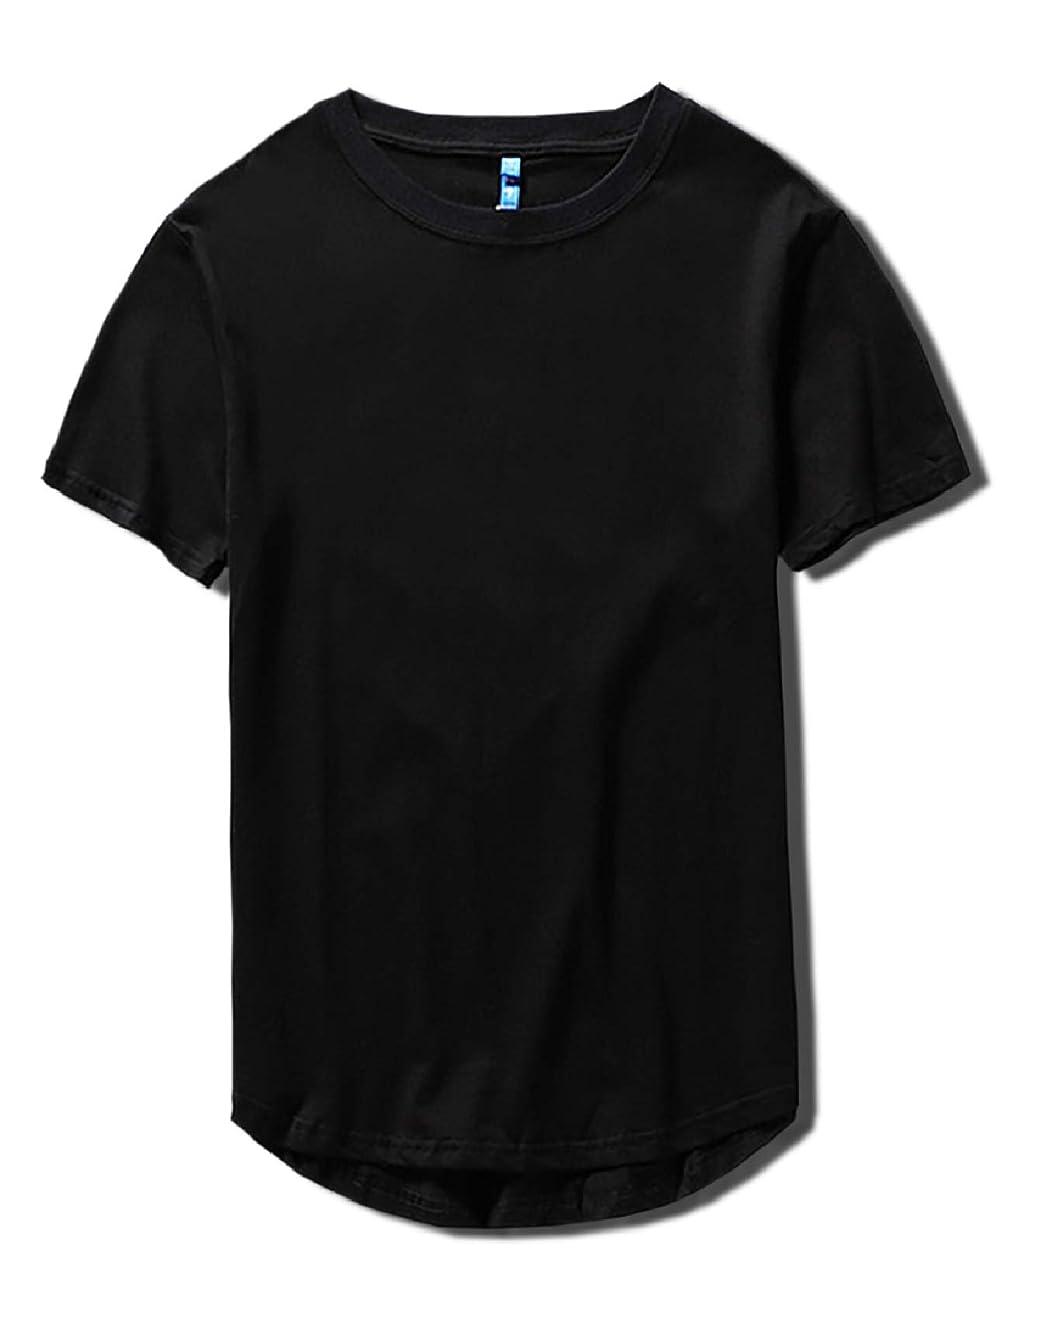 お祝い順番銅[Make 2 Be] スタイリッシュ 半袖 無地 ラウンドカット Tシャツ 前後アシメ カットソー メンズ レディース トップス 丈長 プチ ロング丈 MF93